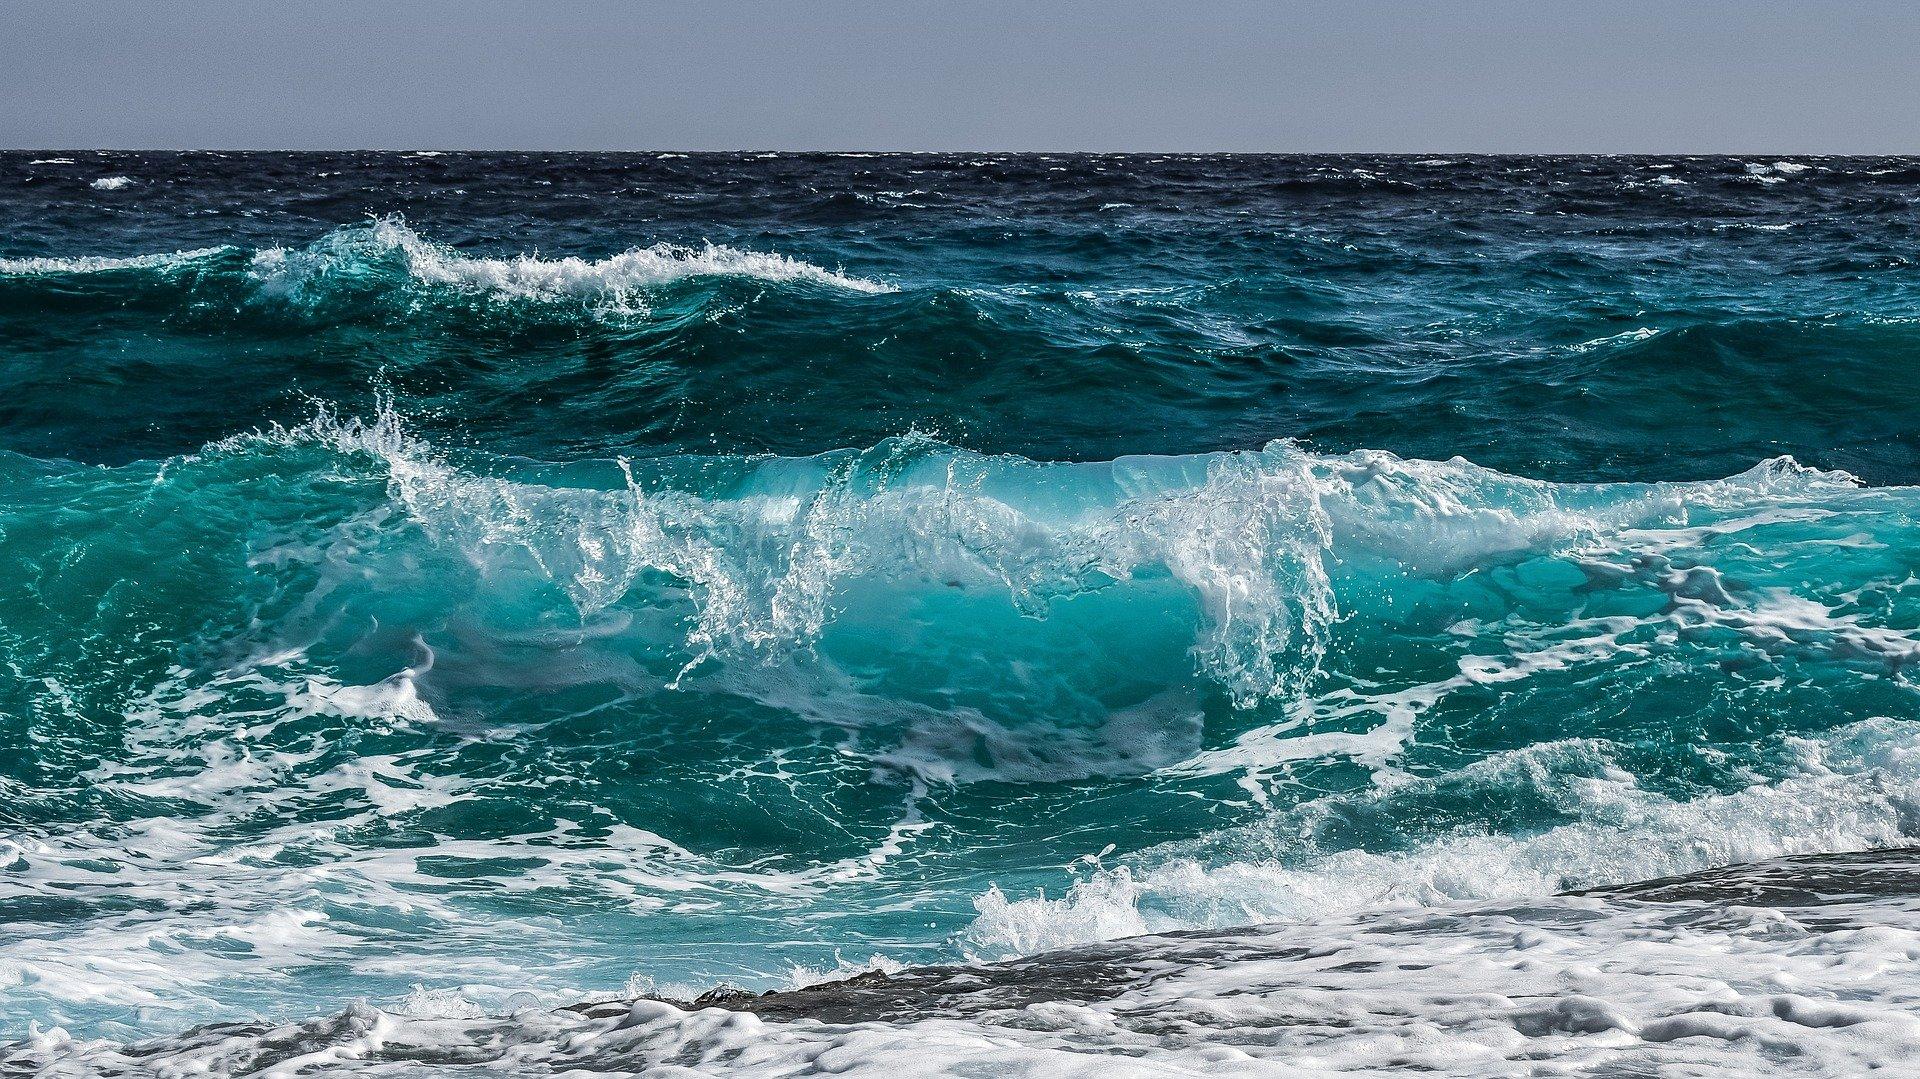 澳洲兩名醫務人員帶著一名臨終病人去看海,以完成她的願望。此為大海的示意圖。(Pixabay)